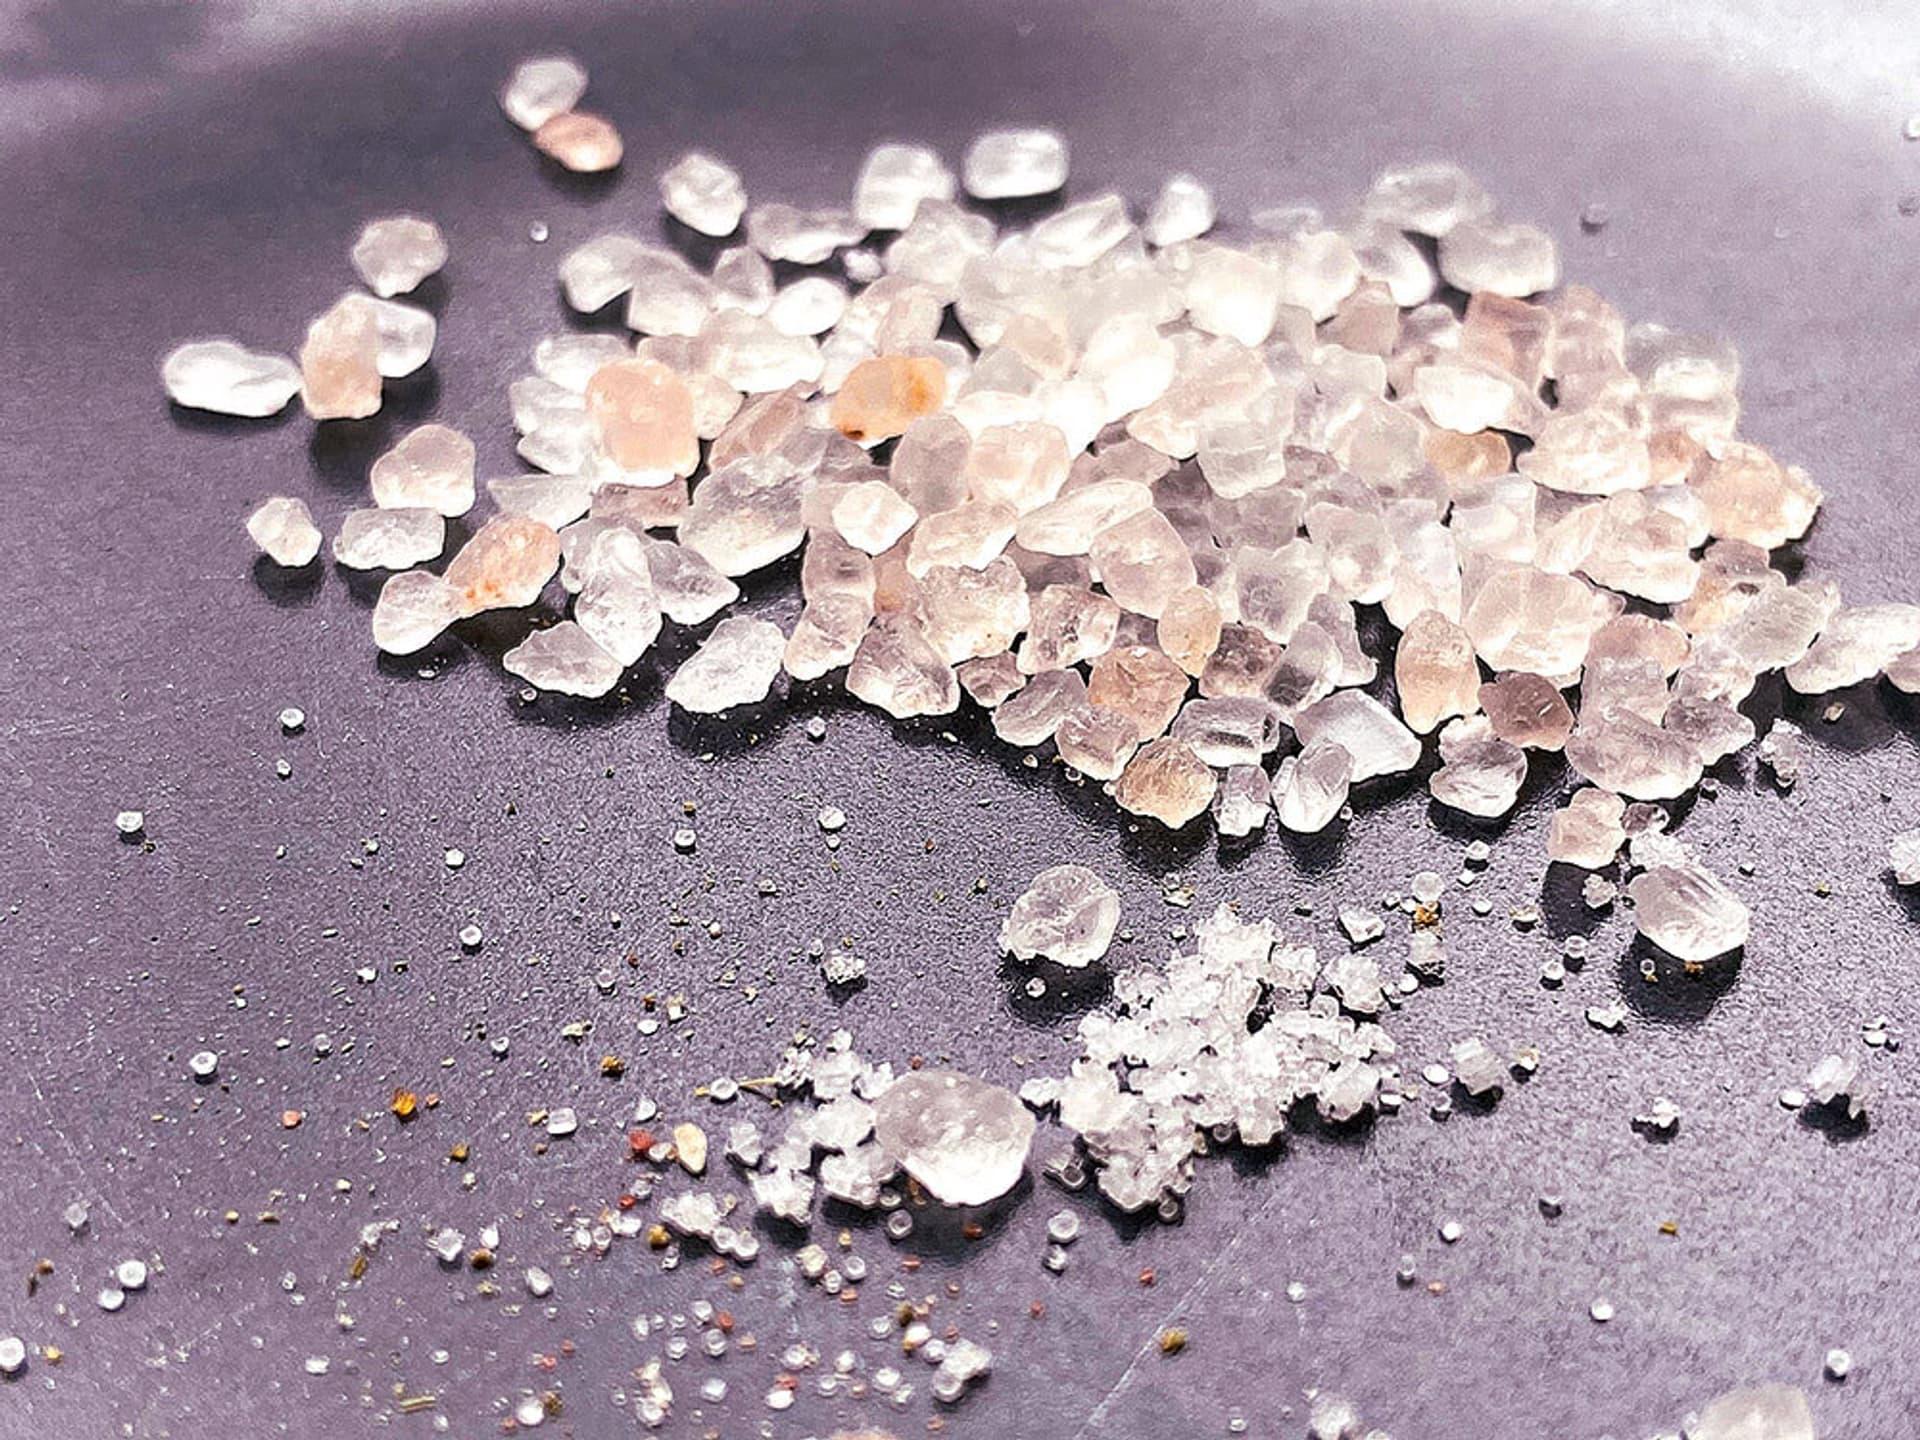 Eine Prise Himalaya-Salz auf einem Tisch